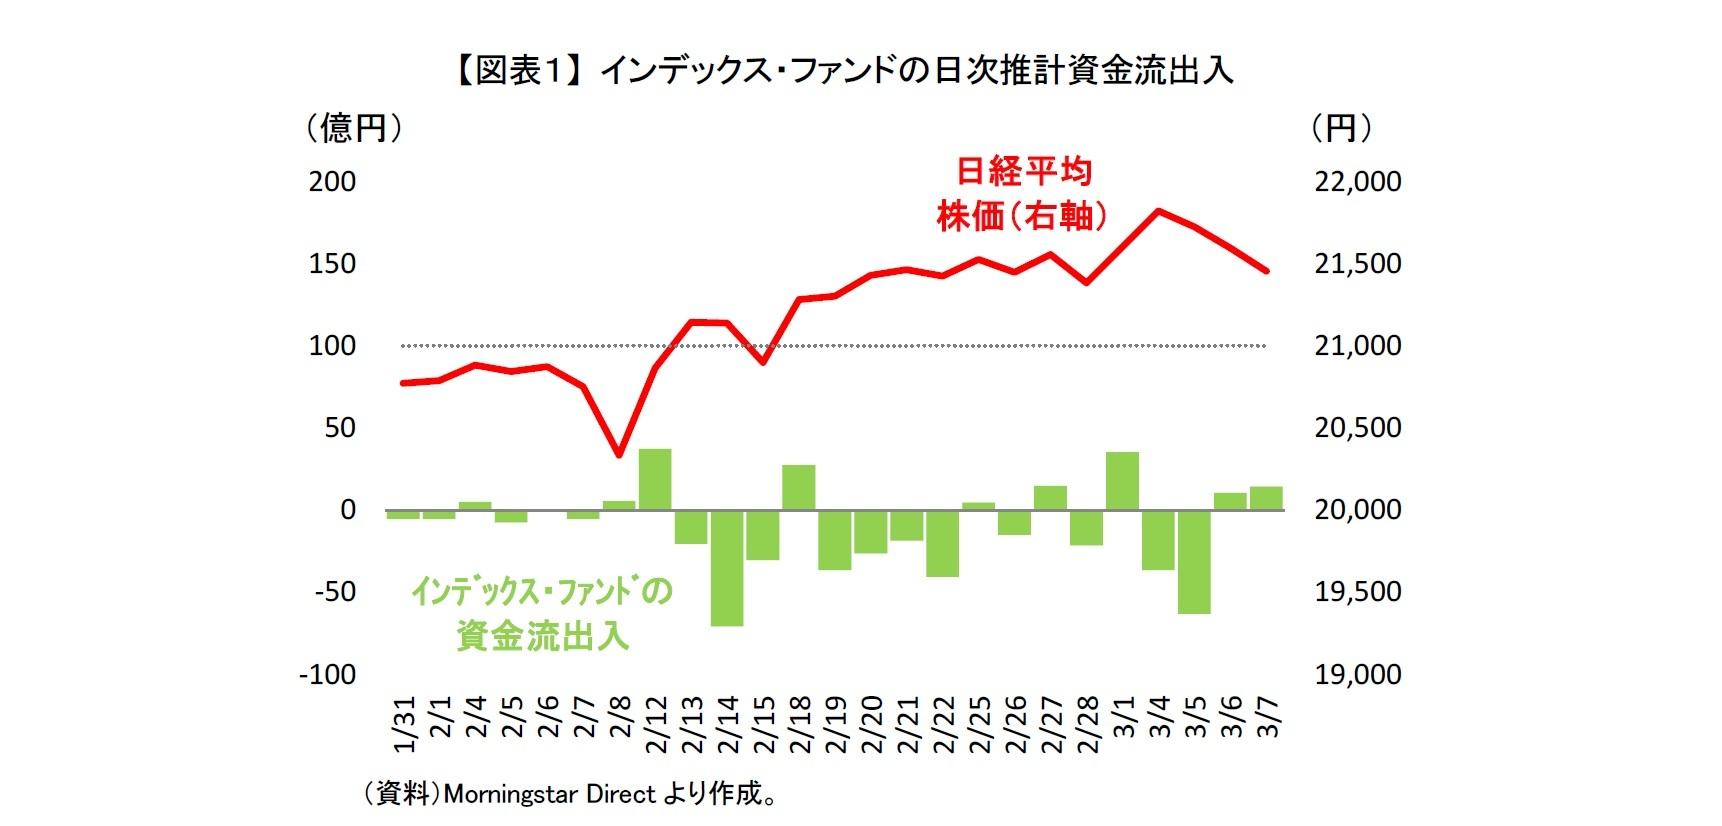 【図表1】 インデックス・ファンドの日次推計資金流出入